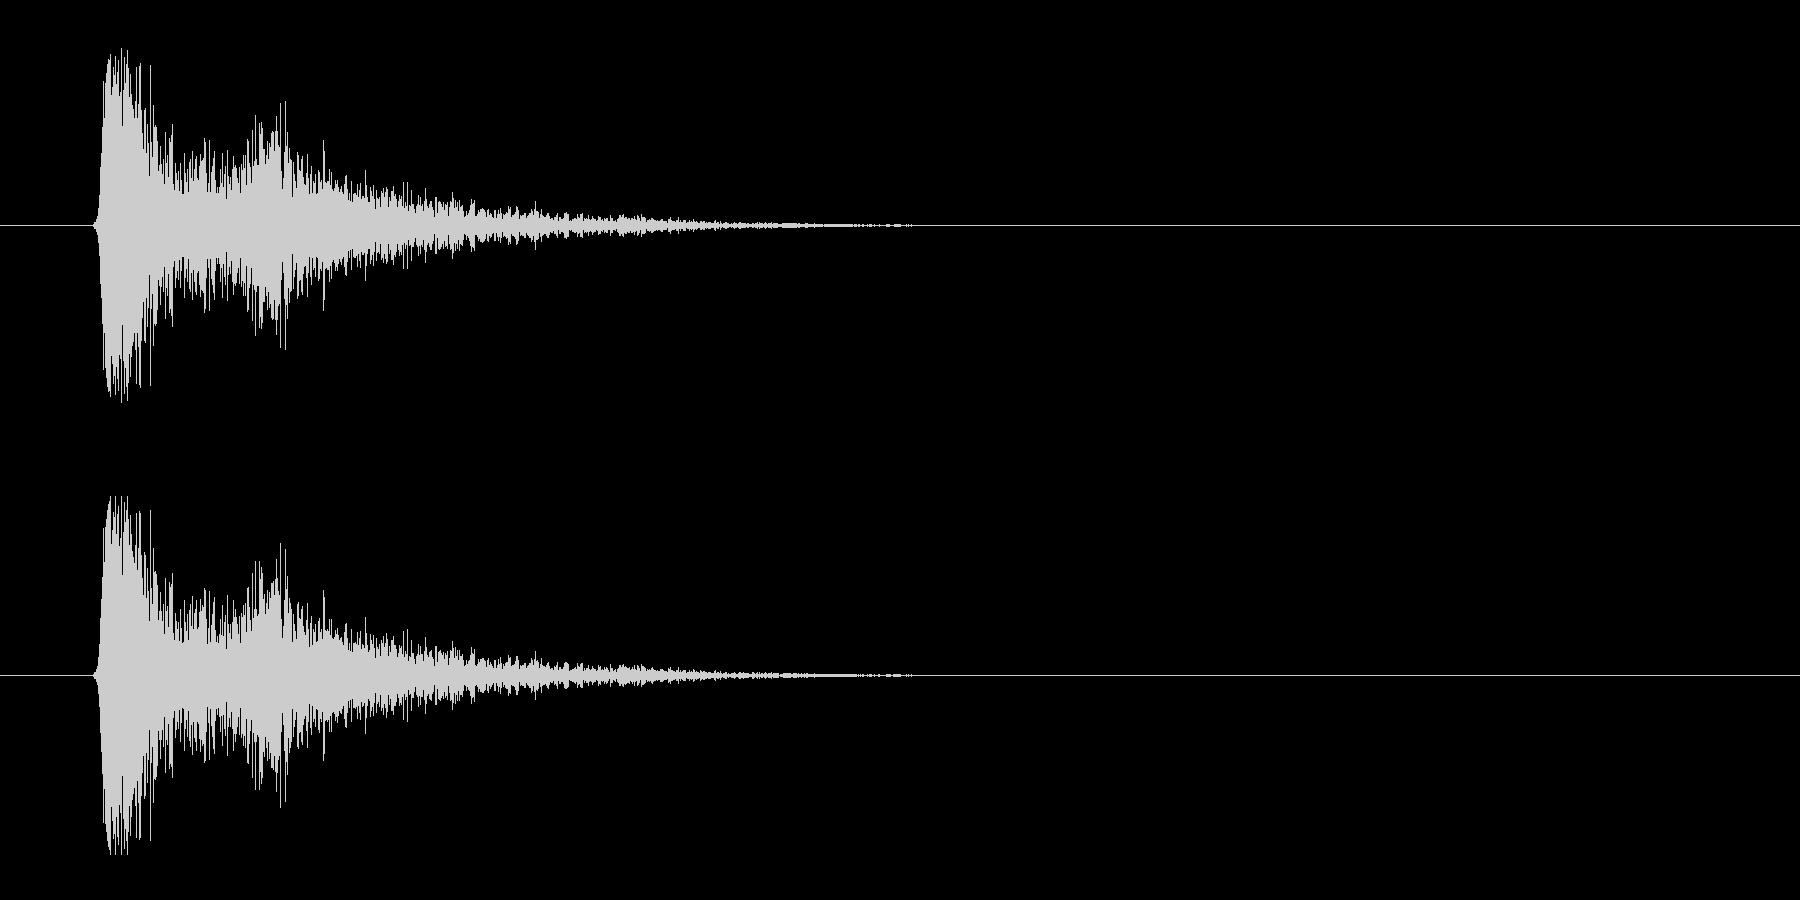 レーザー音-01-3の未再生の波形